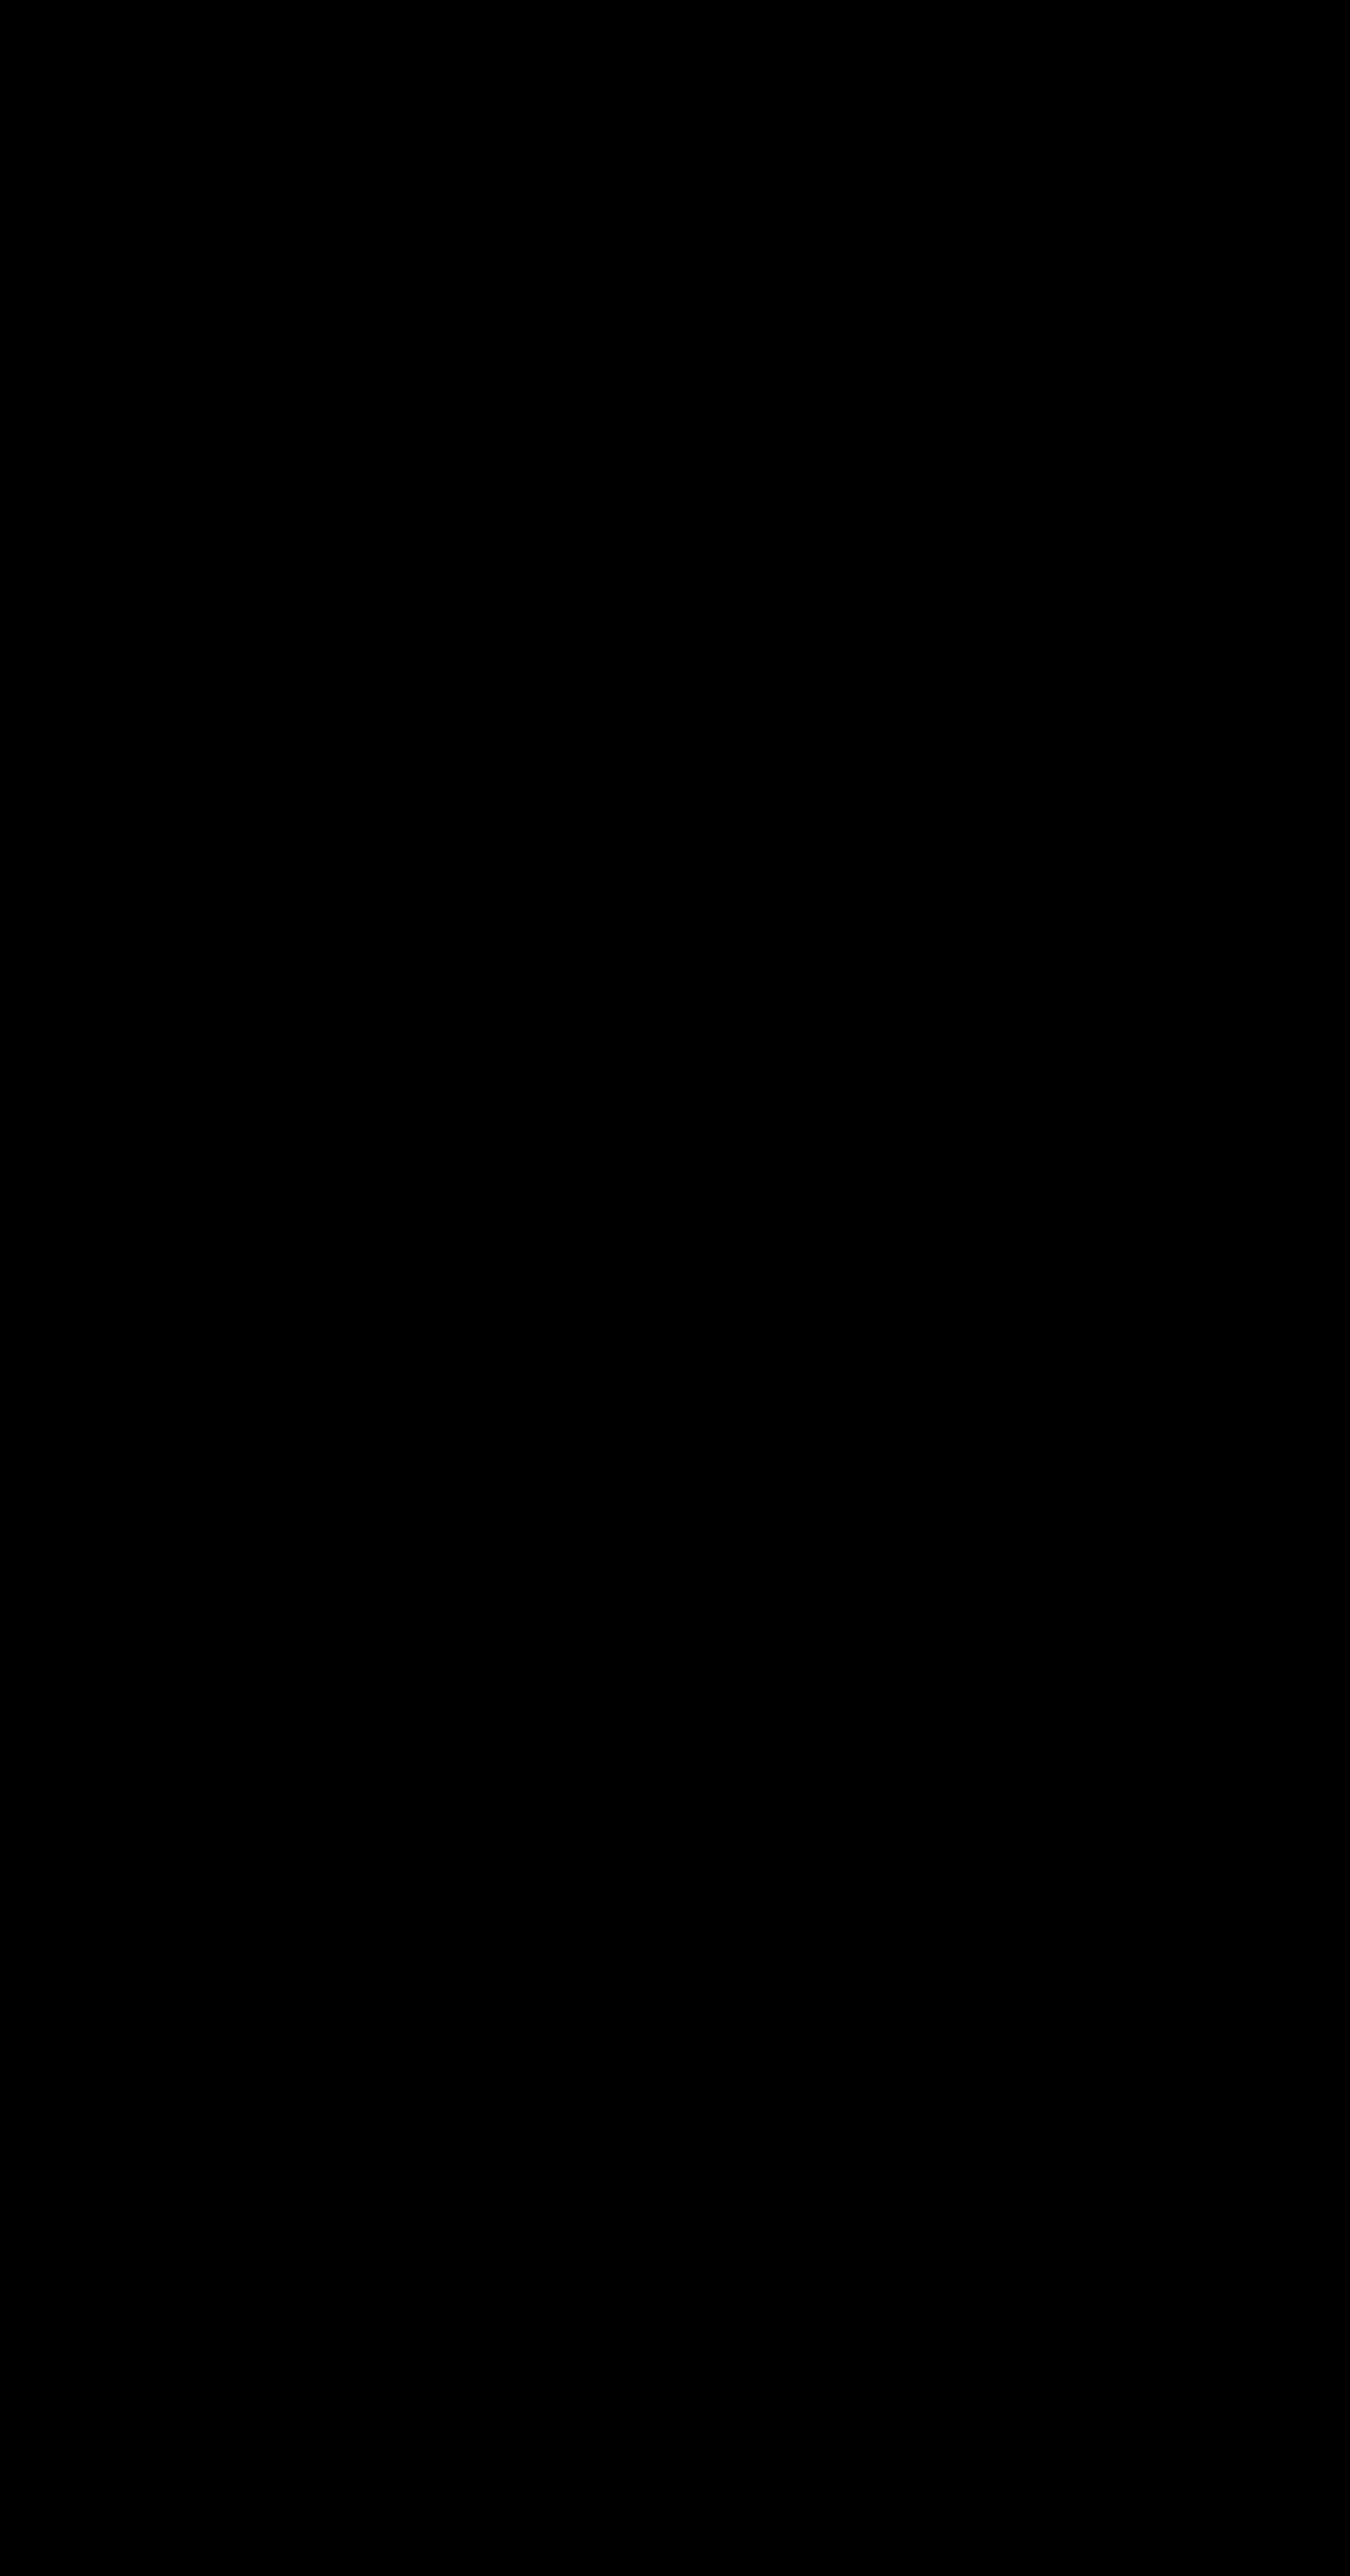 岐阜聖徳学園大学と岐阜の出版社「さかだちブックス」が各務原市「学びの森」で開催されるイベント「マーケット日和」にコラボレーションで出店。